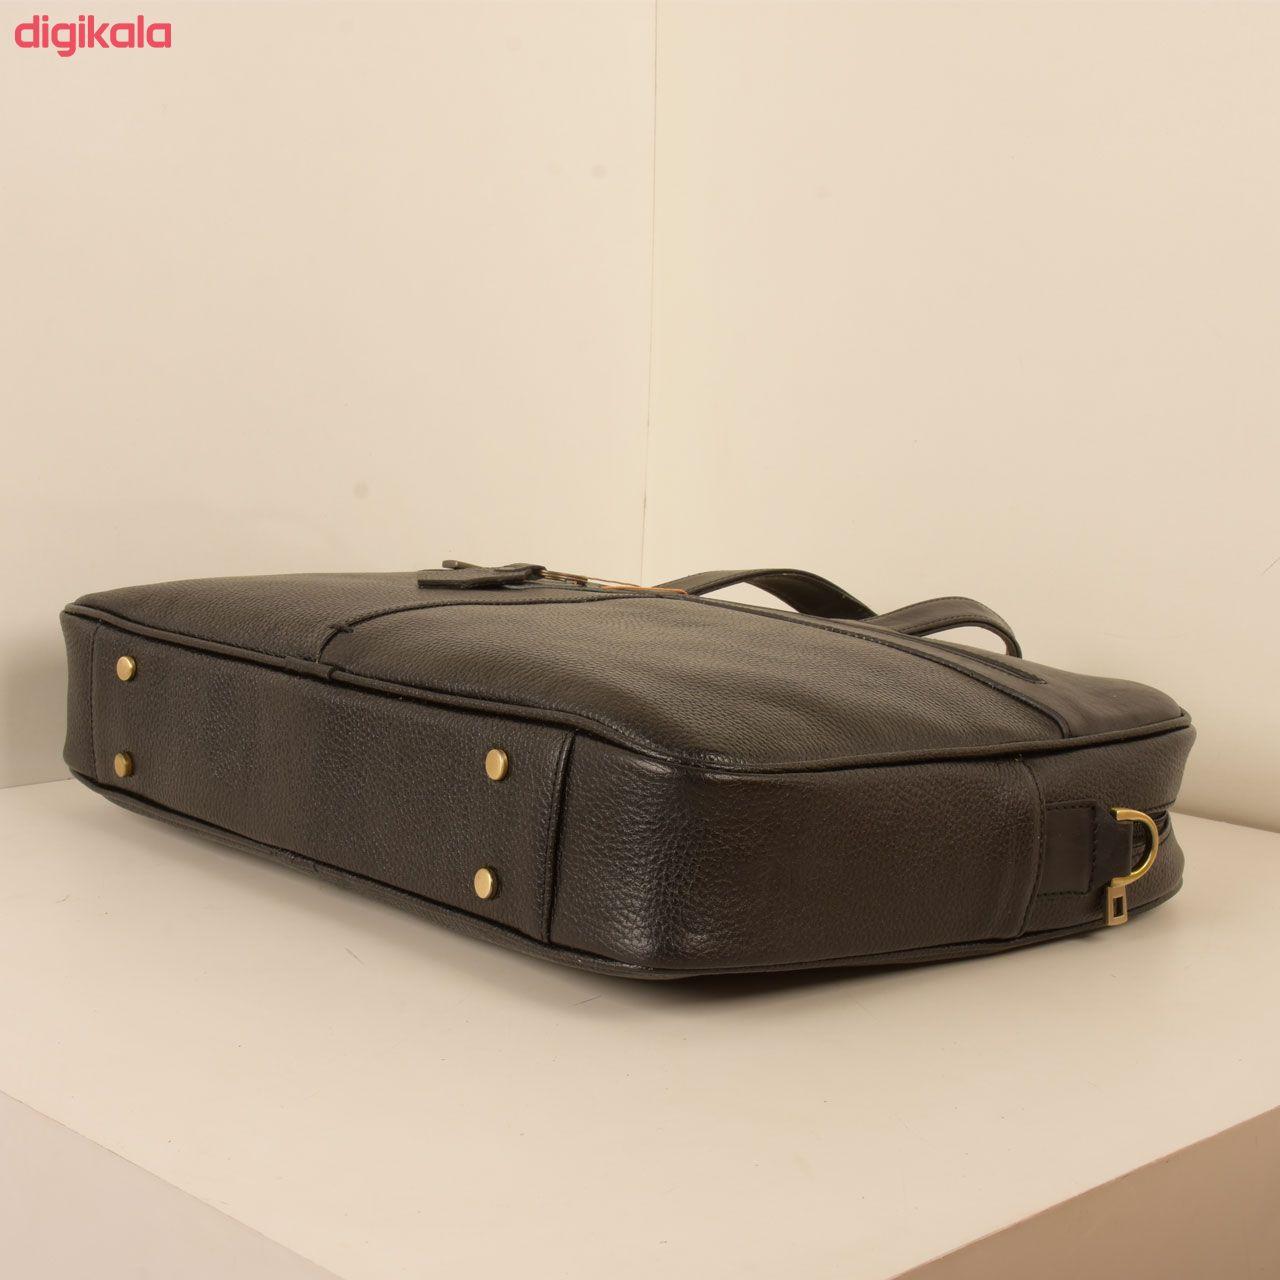 کیف اداری مردانه پارینه چرم مدل L159 main 1 2